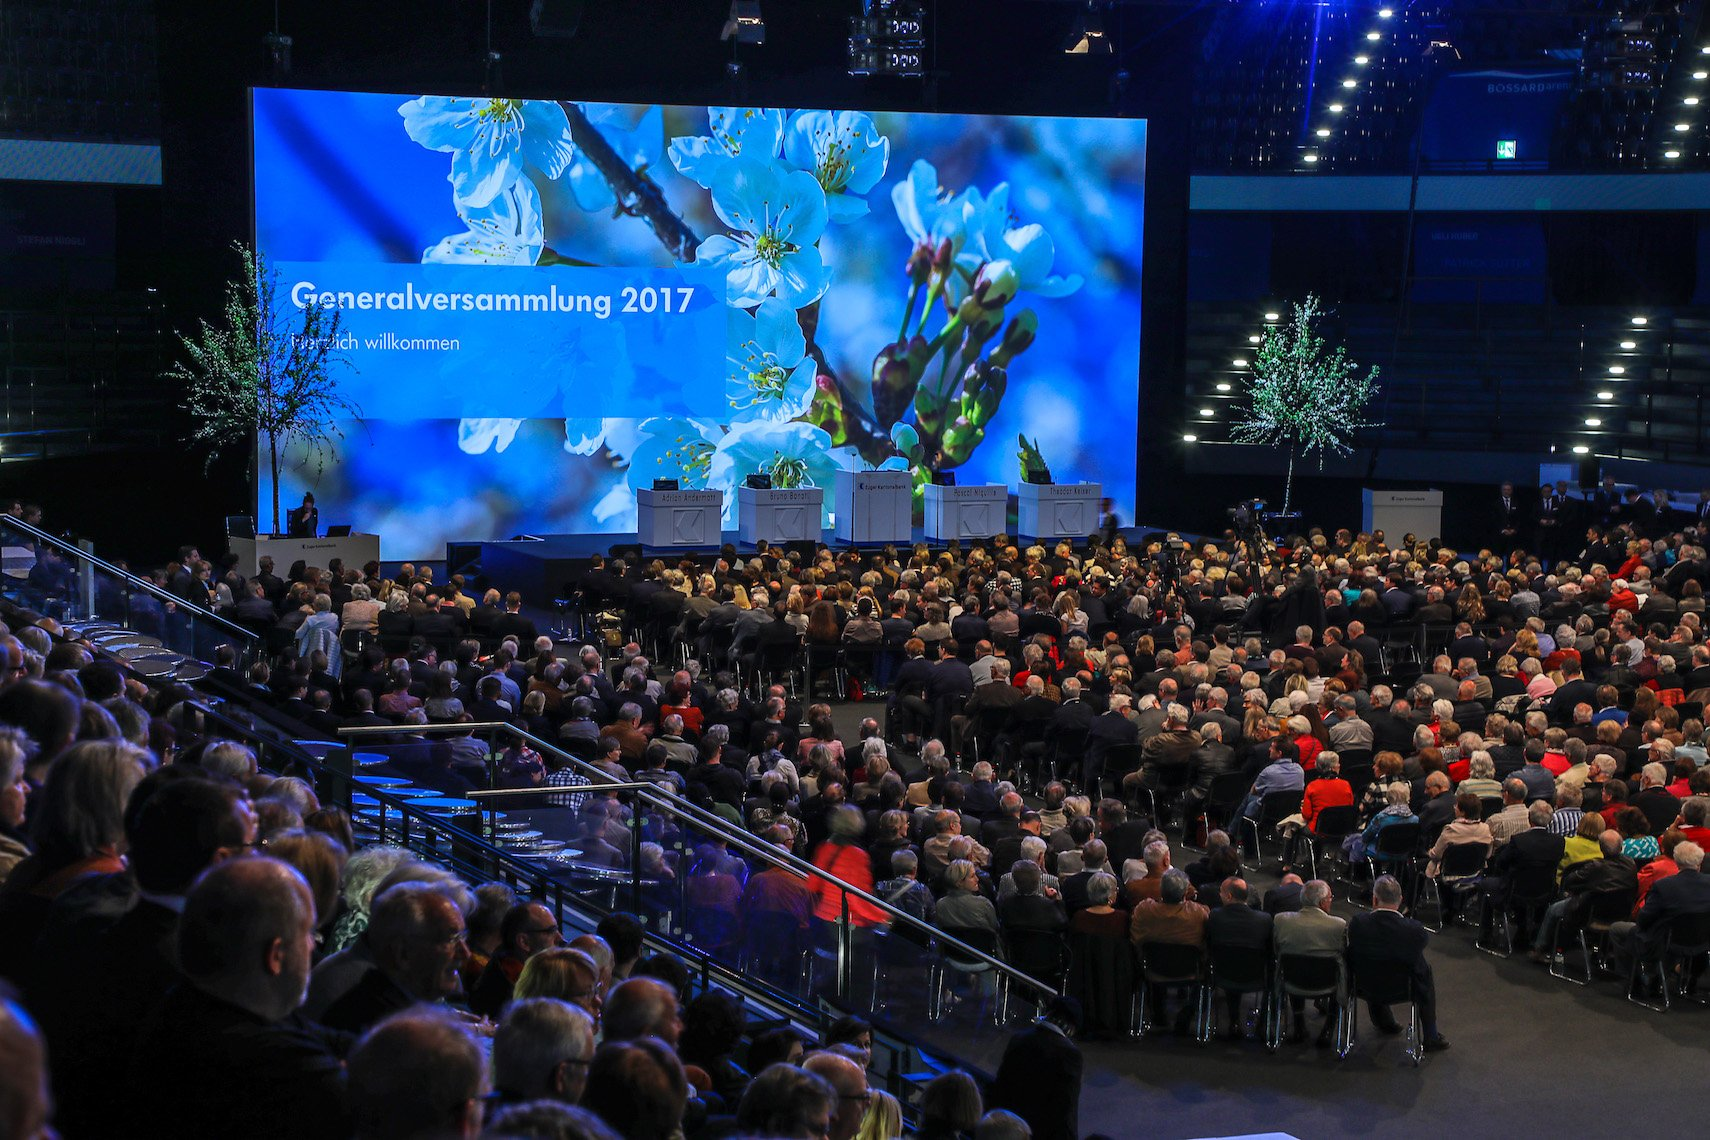 Auch ein gesellschaftliches Ereignis im Zugerland: Generalversammlung der Kantonalbank.